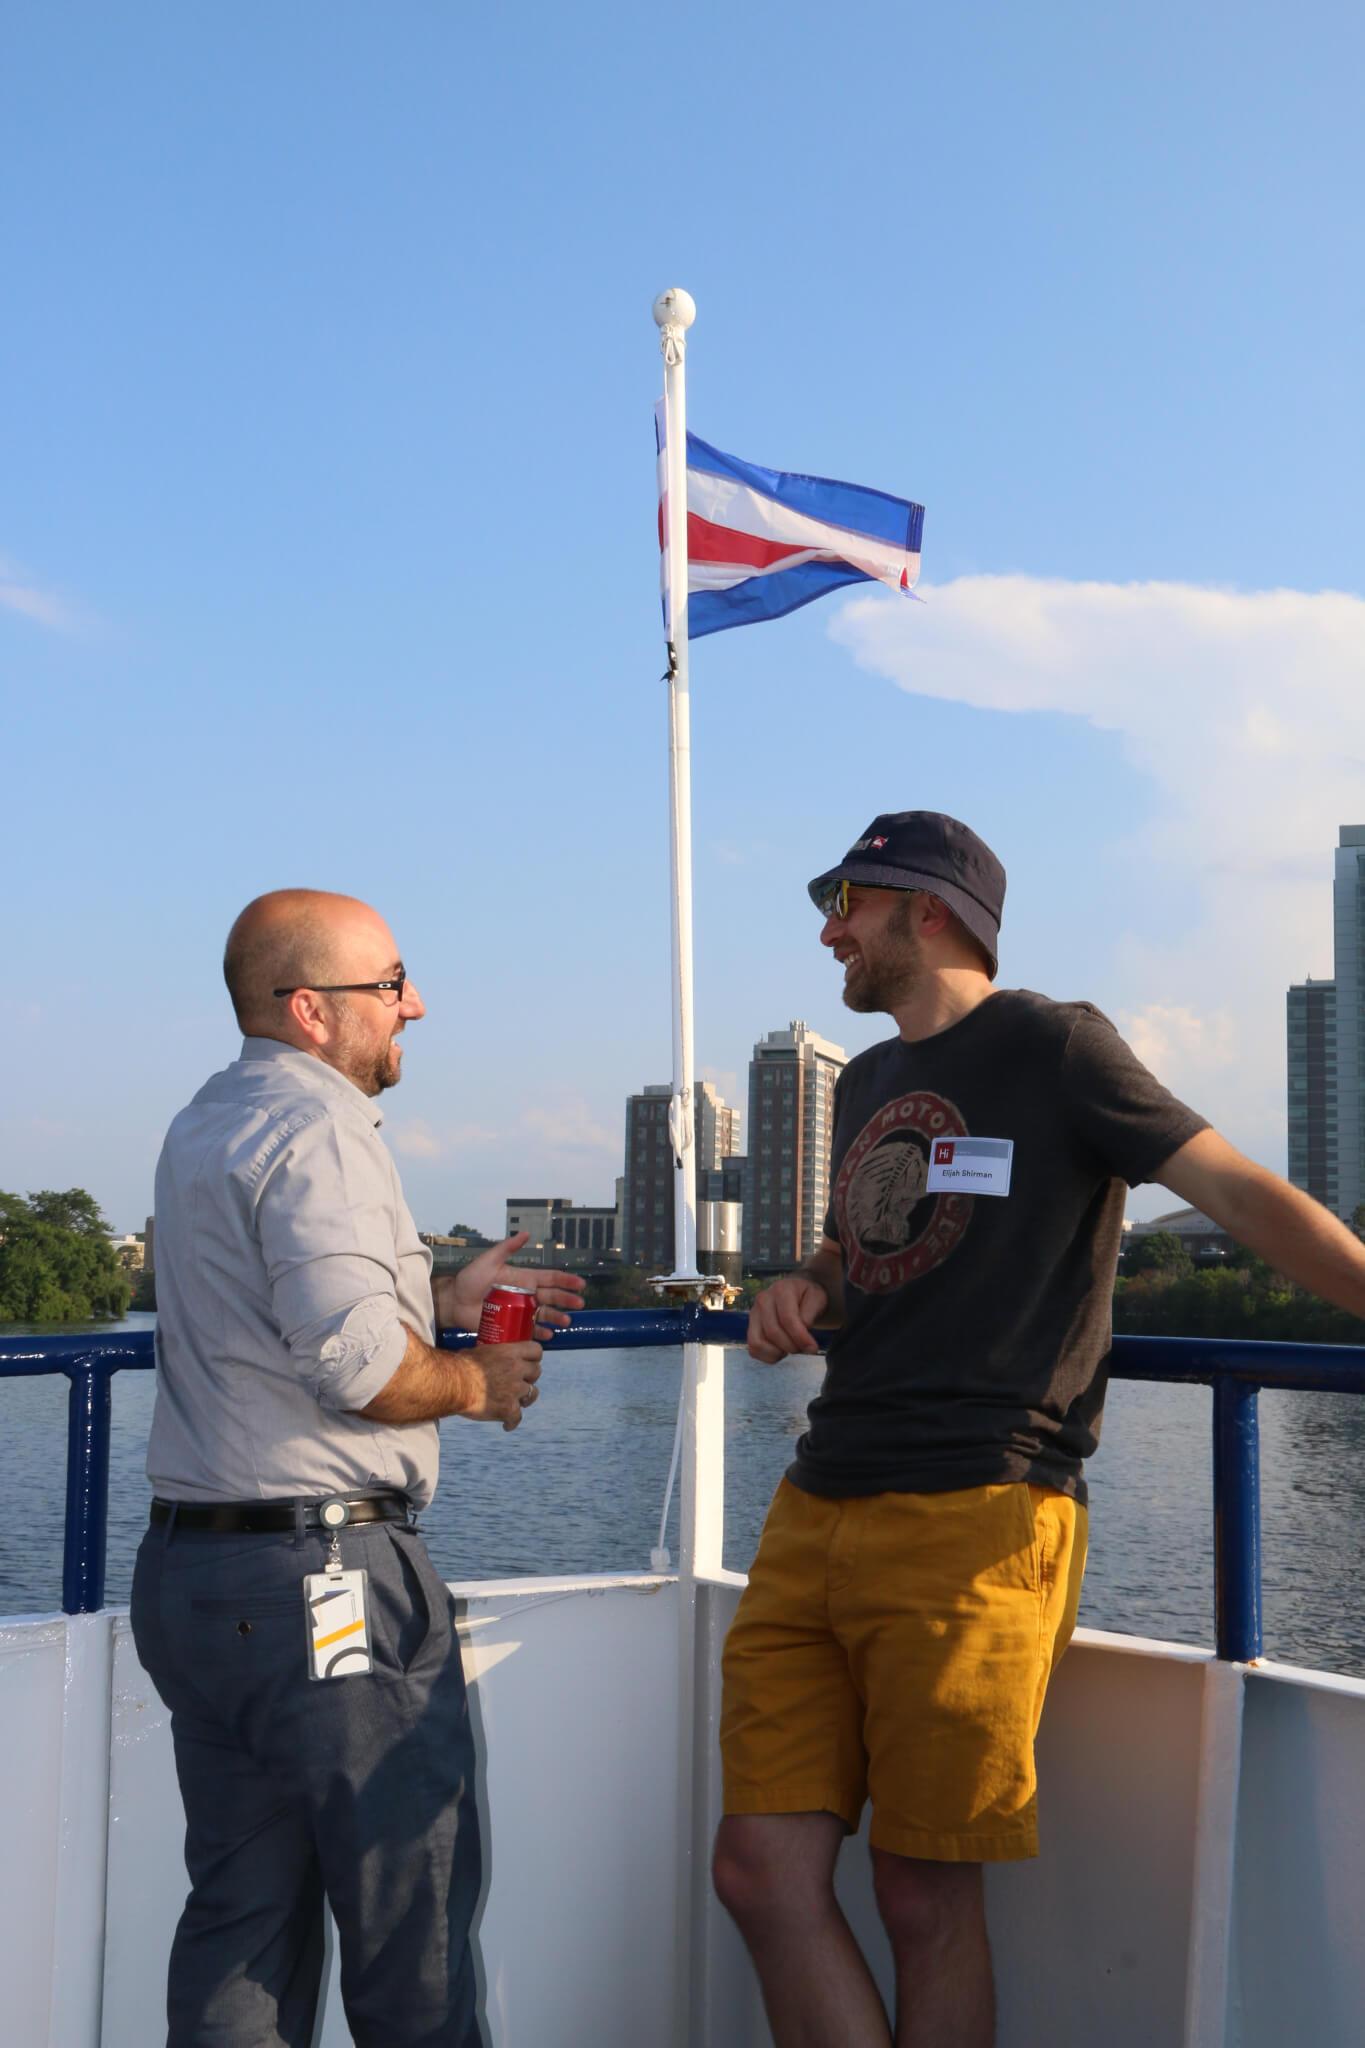 men talking on board ship